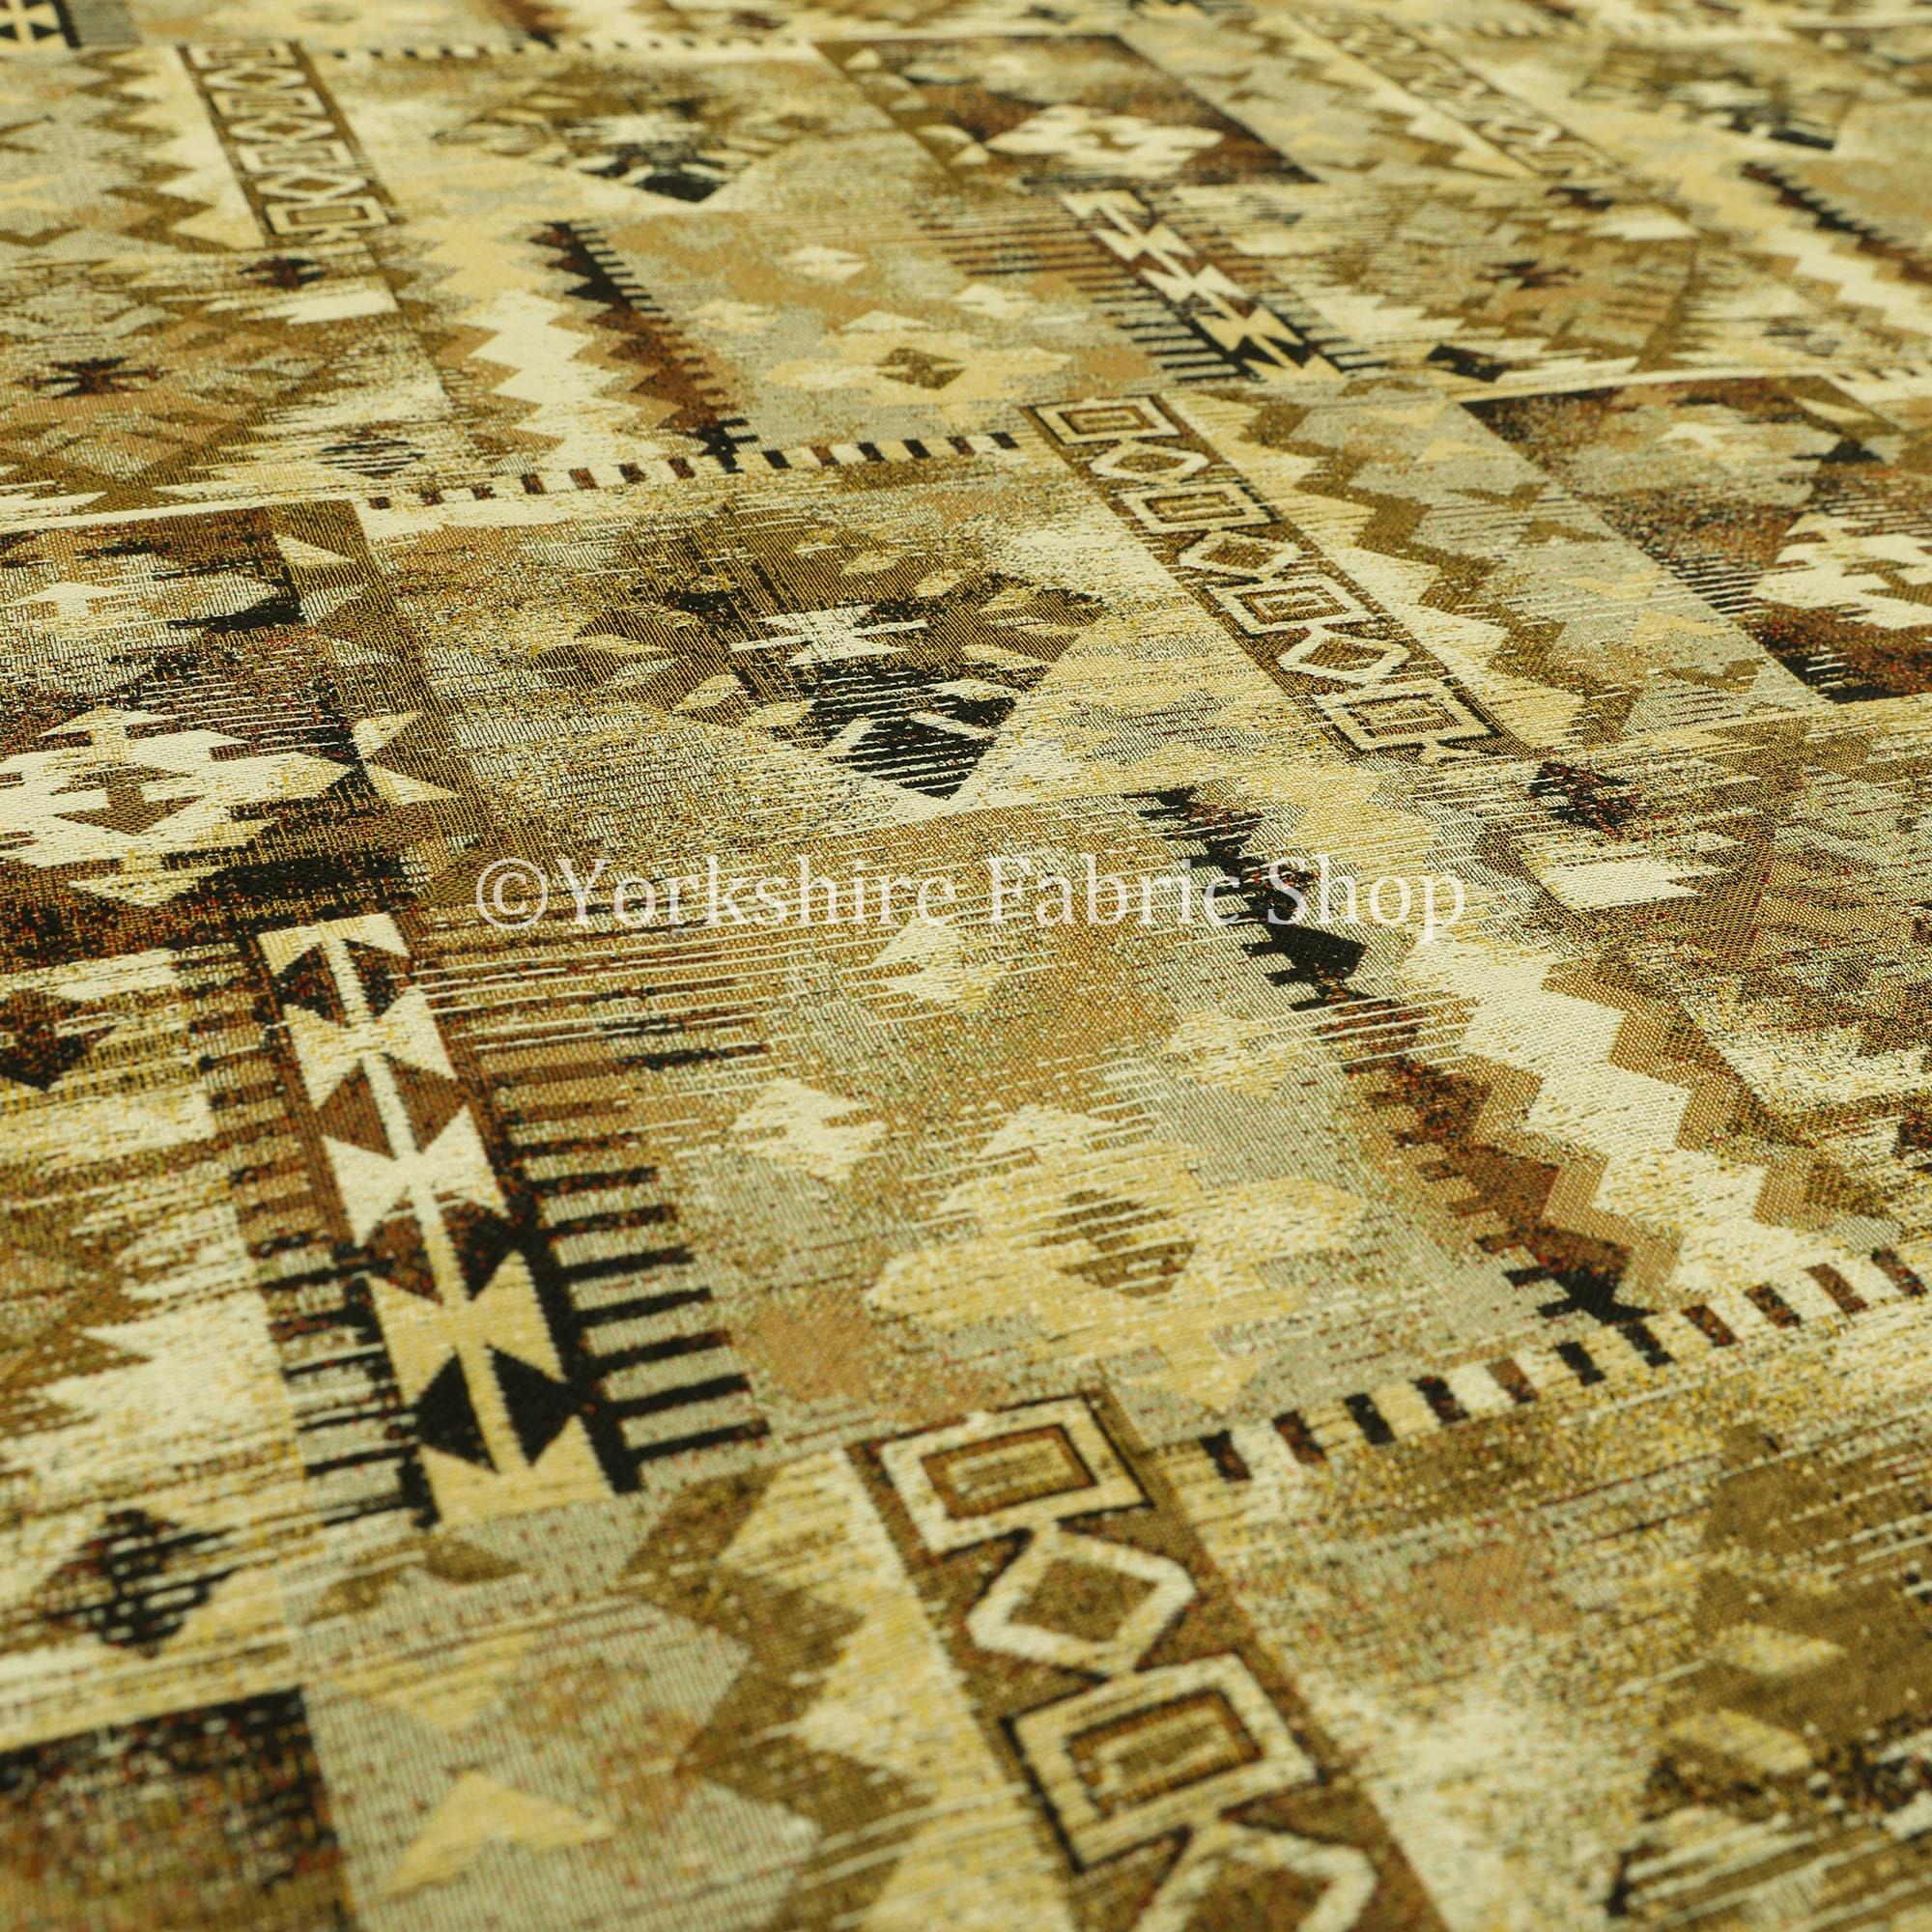 Tapisserie jacquard Kilim Patchwork aztèque motif Chenille Chenille Chenille Beige tissu d'ameublement - vendu par le tissu de longueur de 10 mètres 54c7a0